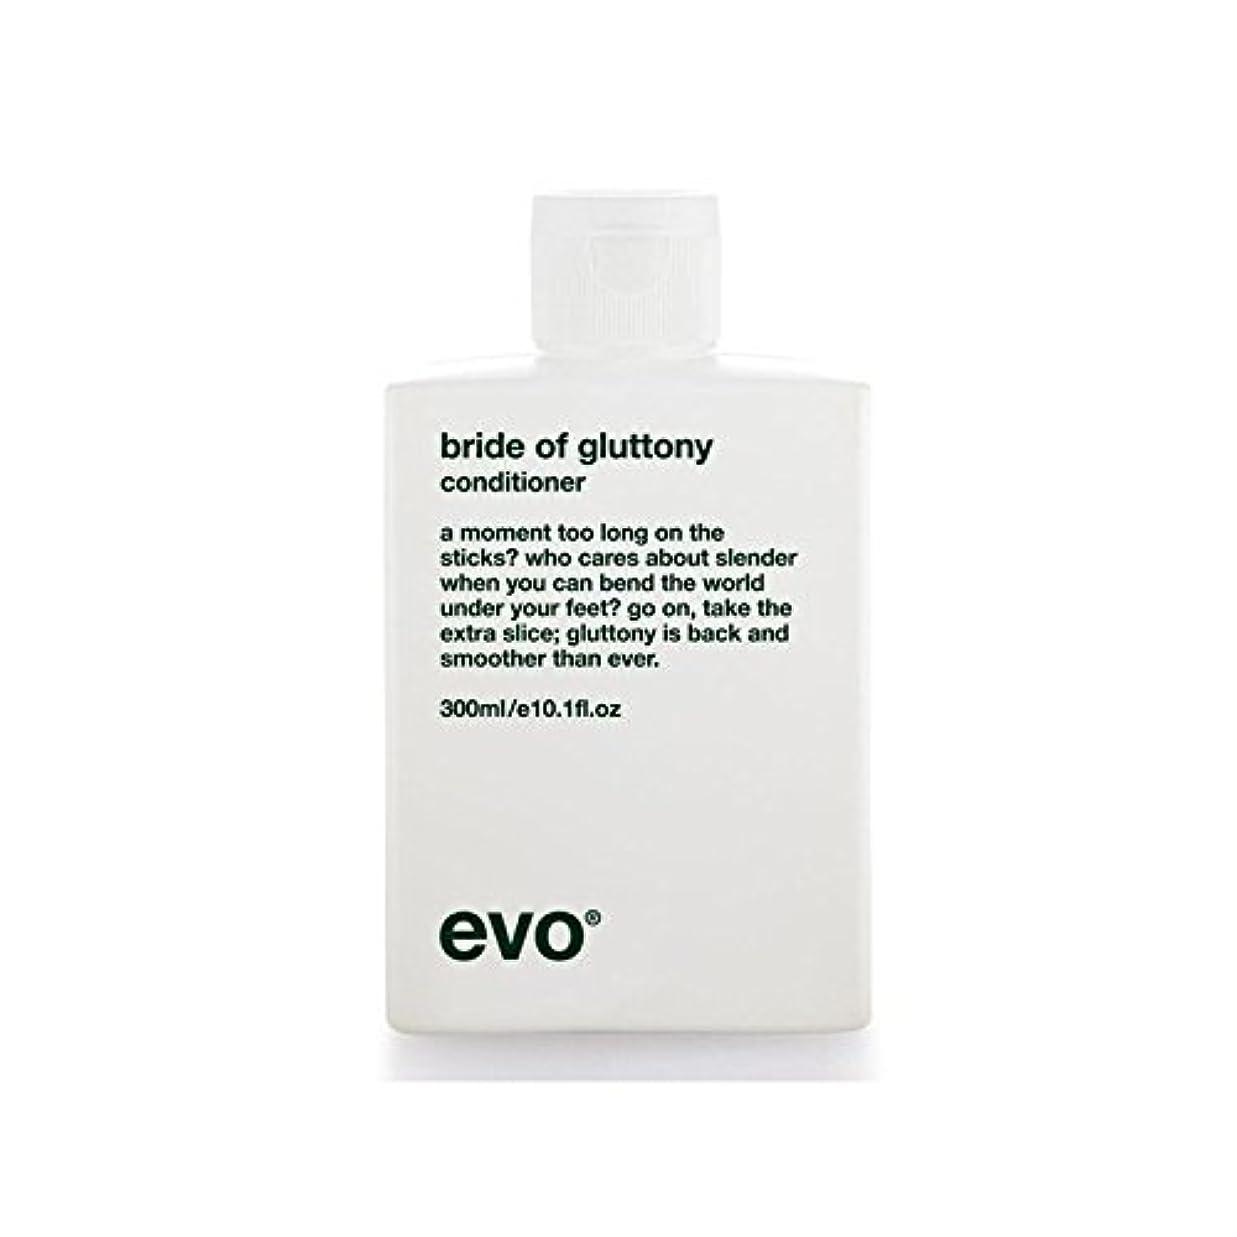 パス予備勉強する飽食のボリュームコンディショナーのエボ花嫁 x2 - Evo Bride Of Gluttony Volume Conditioner (Pack of 2) [並行輸入品]